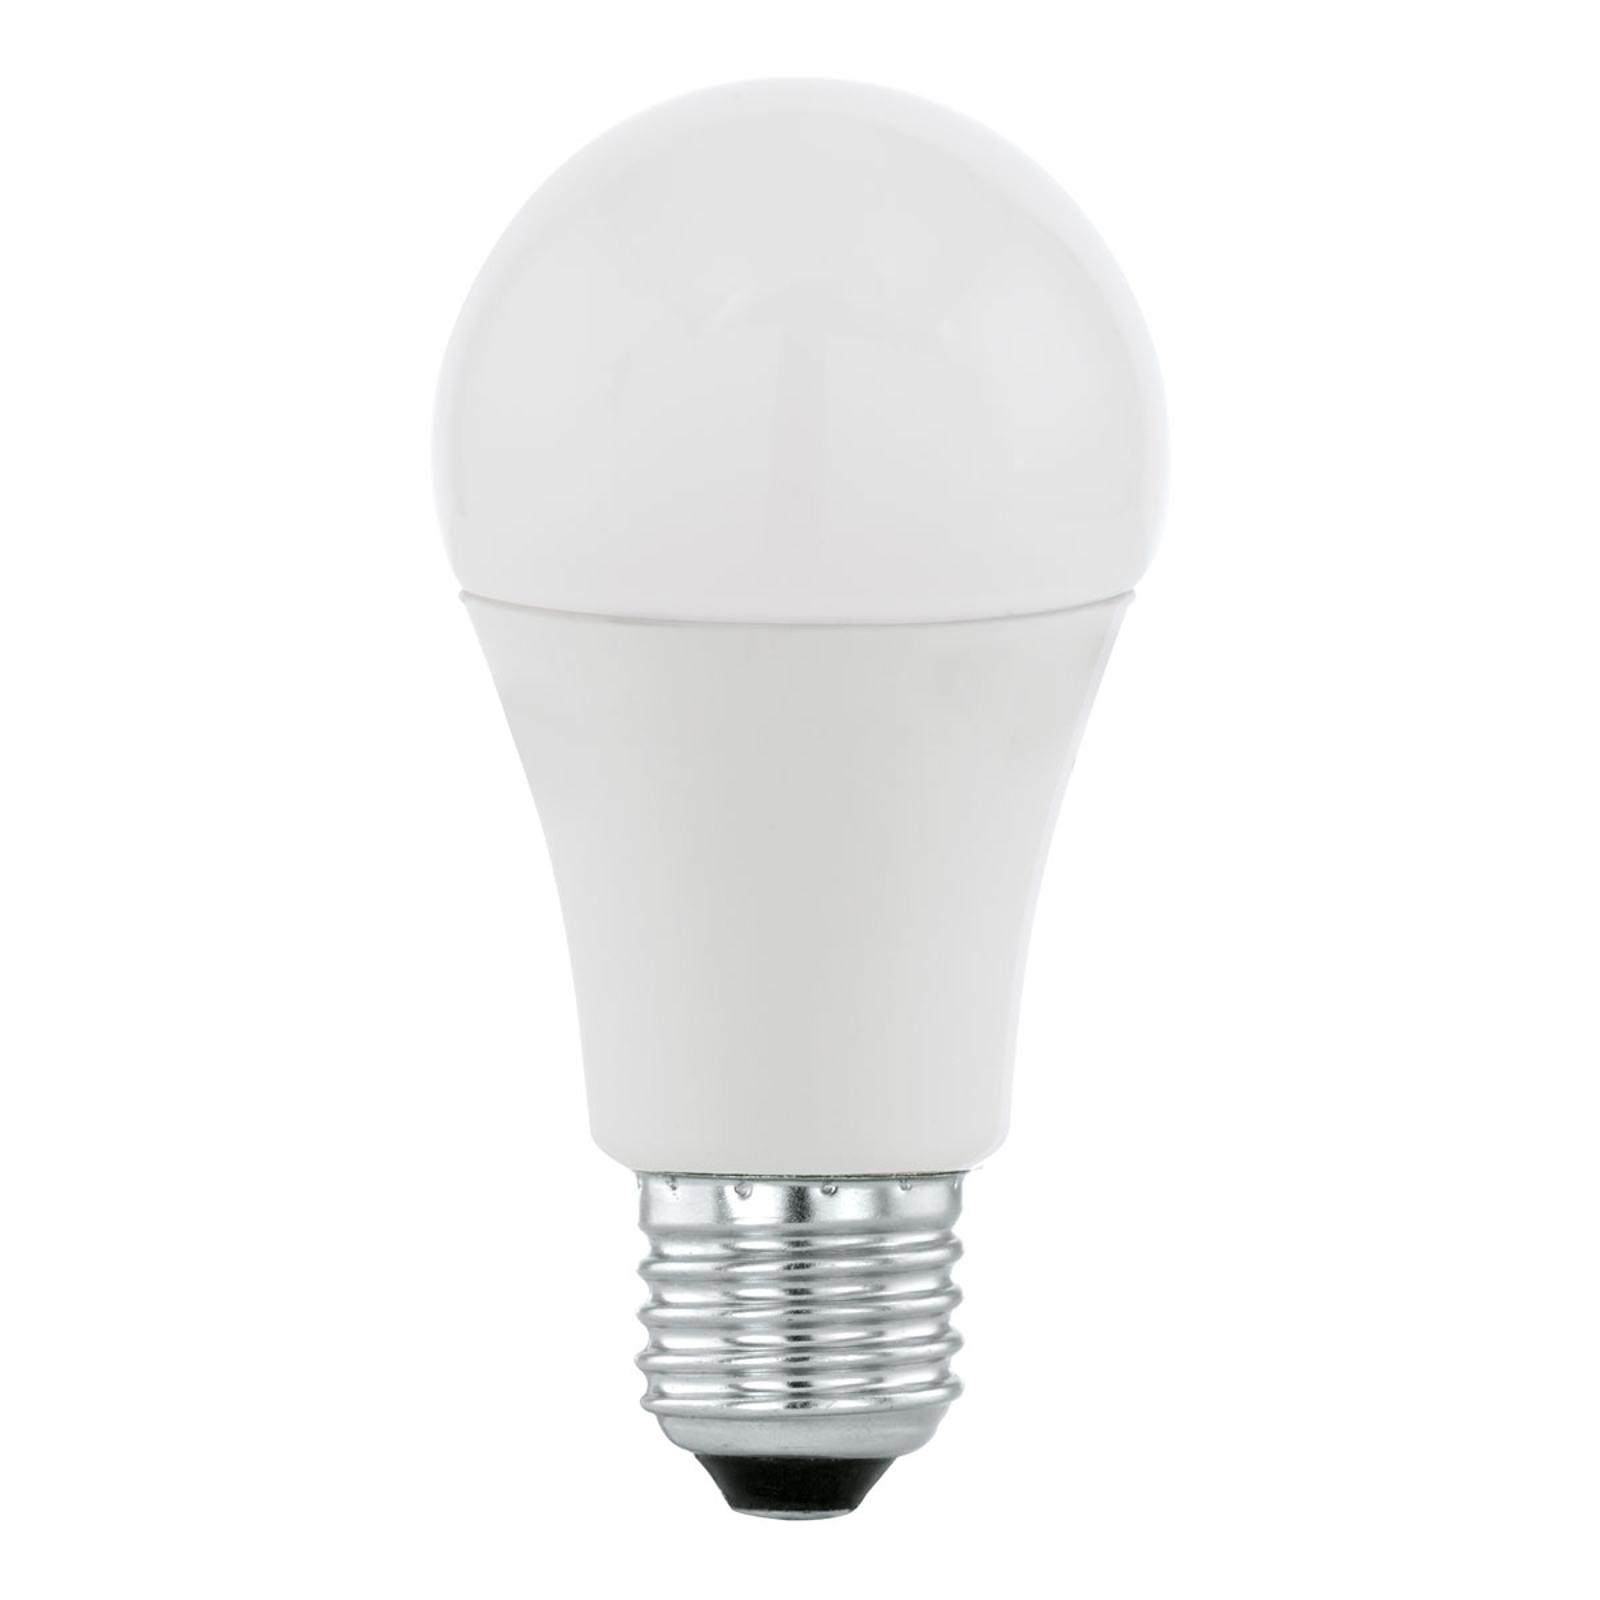 Żarówka LED E27 A60 10W, ciepła biel, opalowa